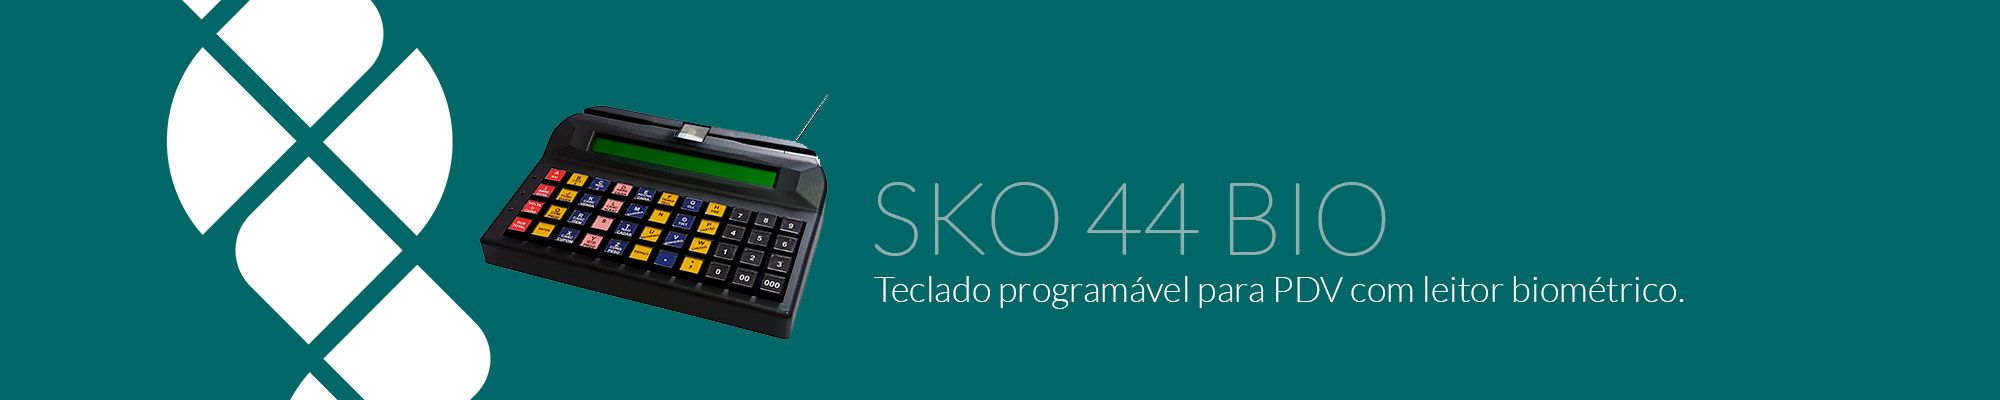 SKO 44 Bio